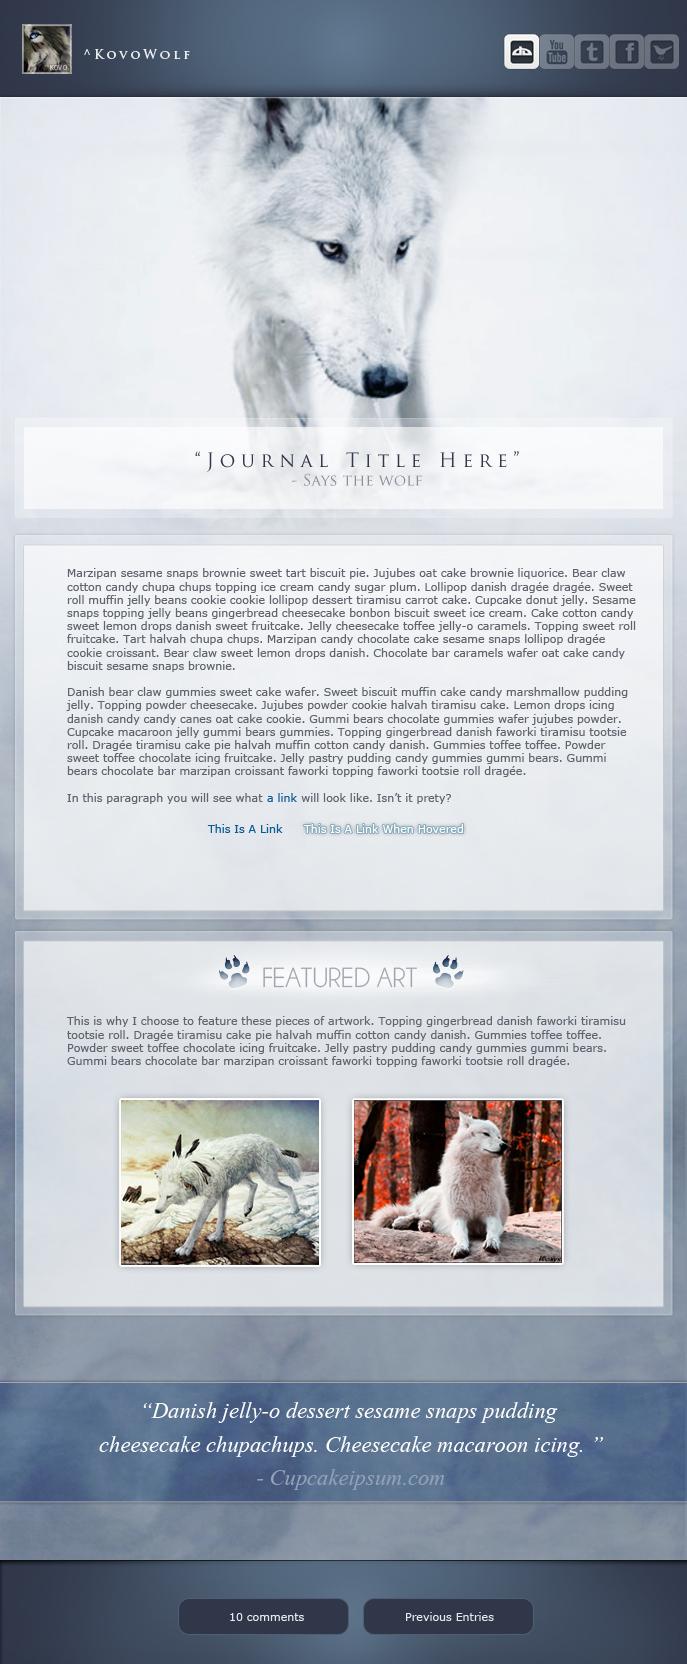 Ivory Wolf - Journal Design by KovoWolf